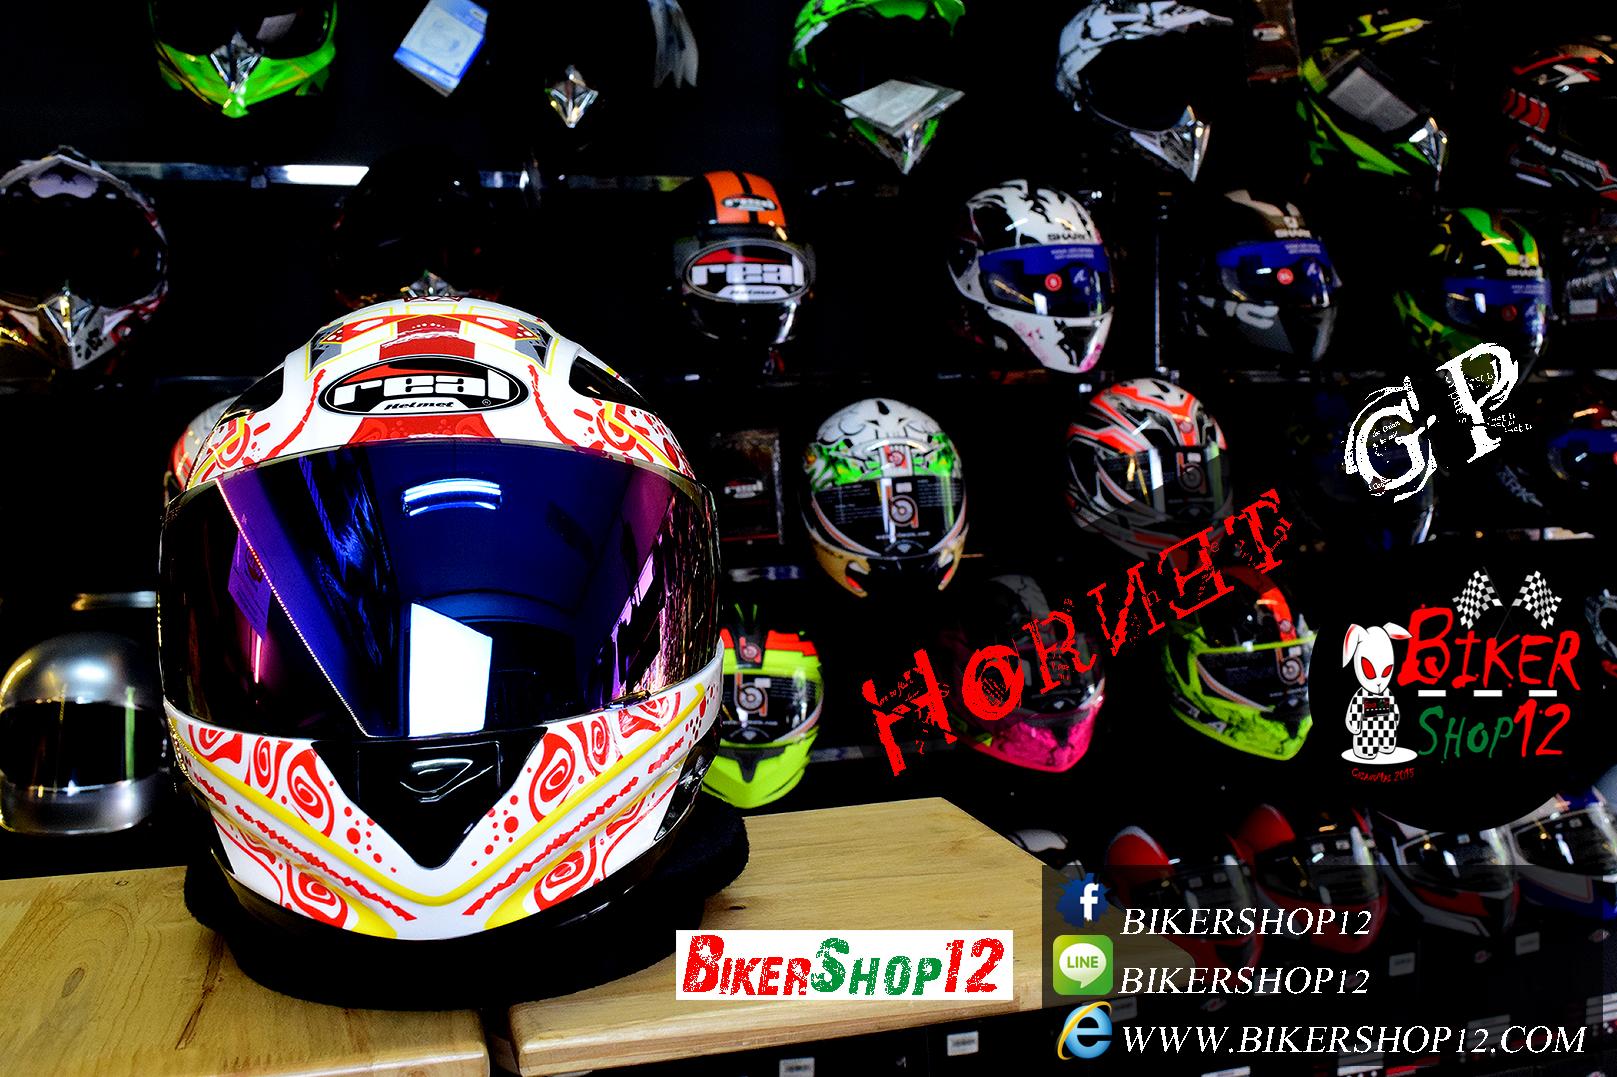 หมวกกันน็อคReal รุ่นHornet-GP-RACE สีขาว-แดง